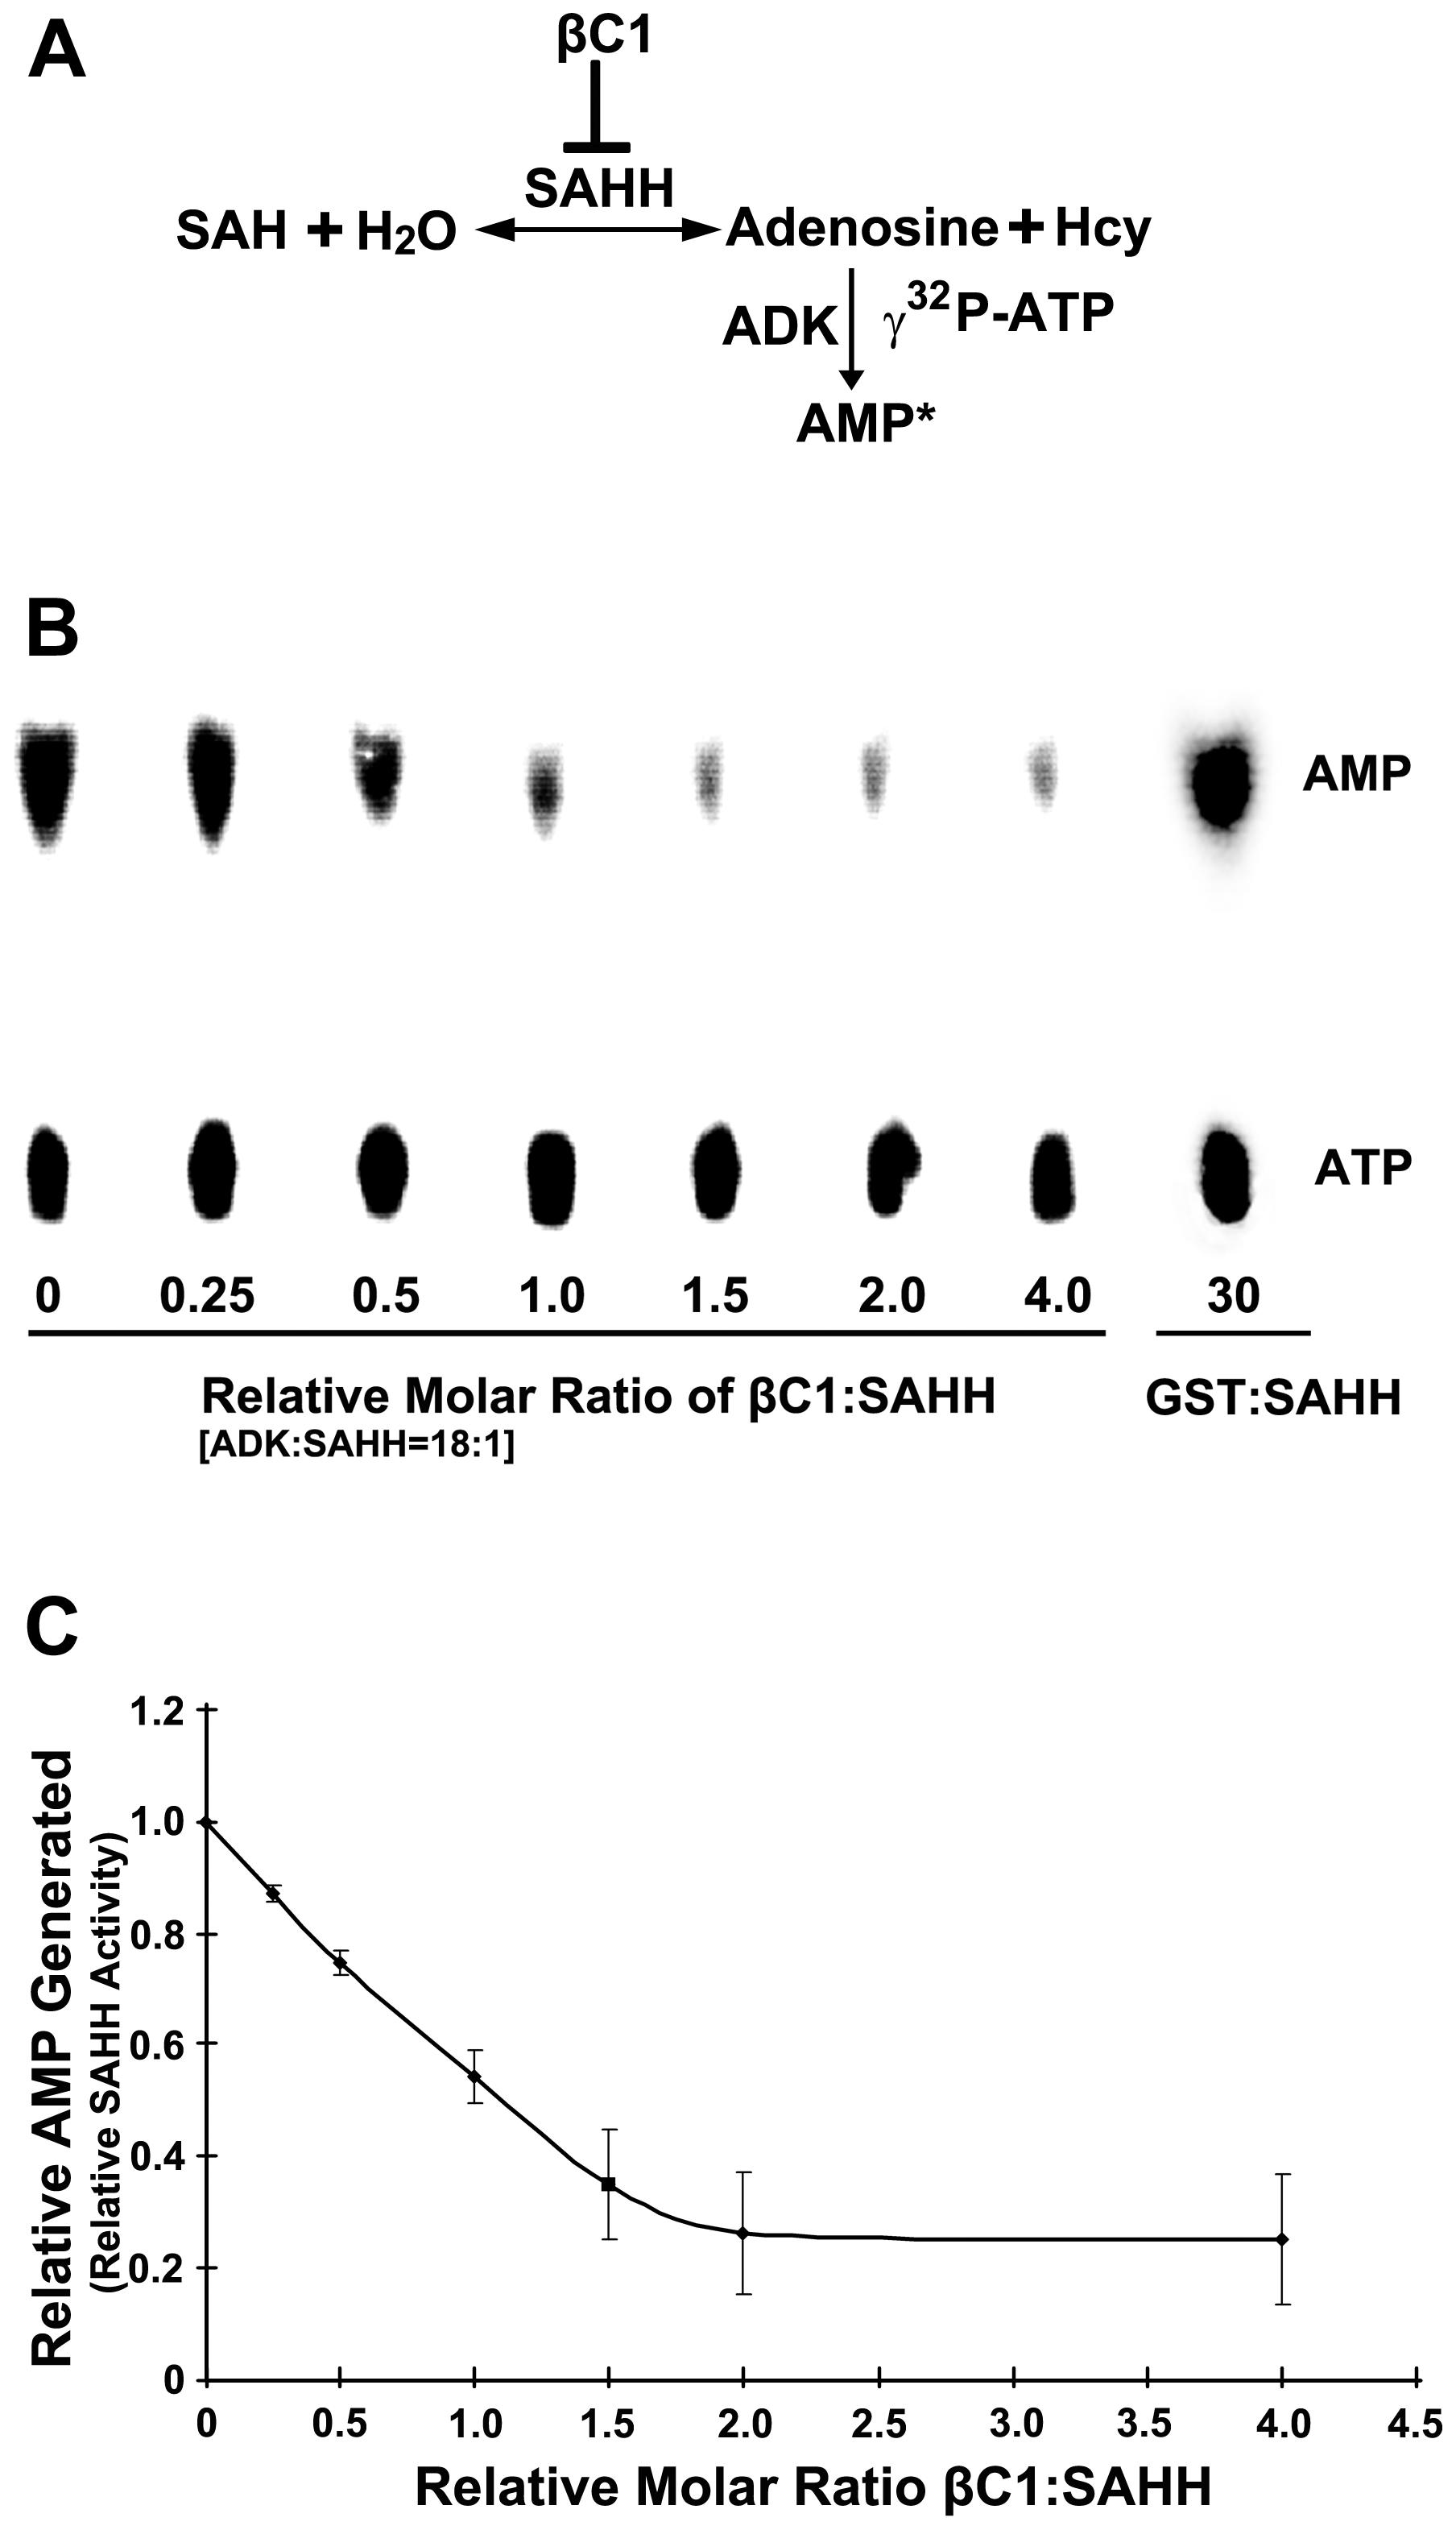 βC1 inhibits SAHH activity <i>in vitro</i>.